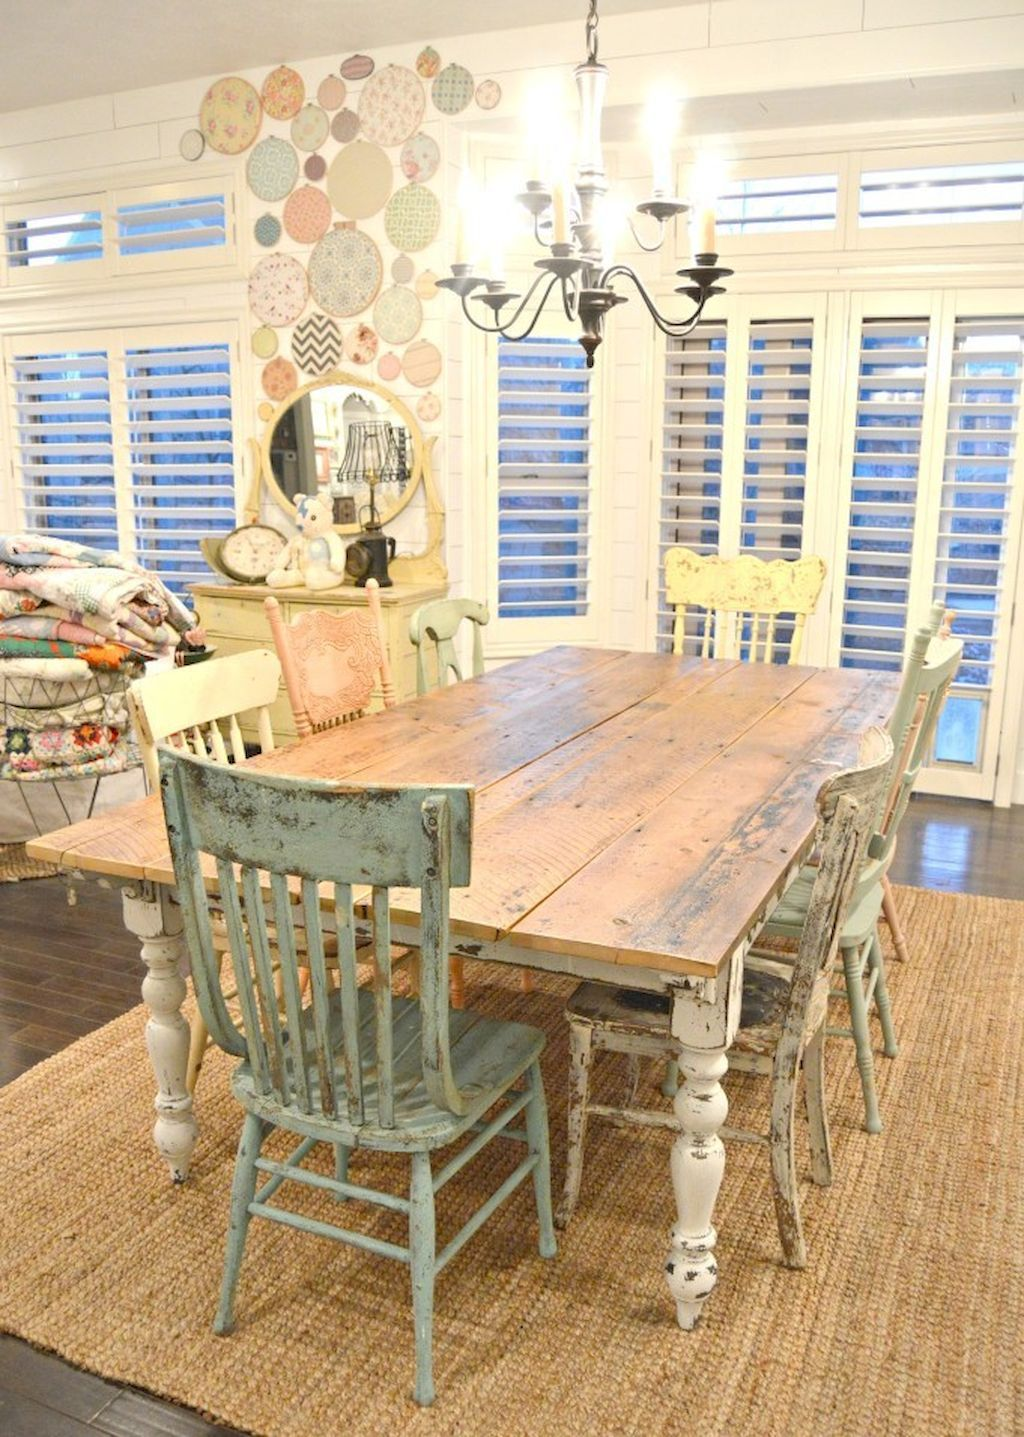 50 on a budget diy farmhouse table plans ideas home ideas farm rh pinterest com